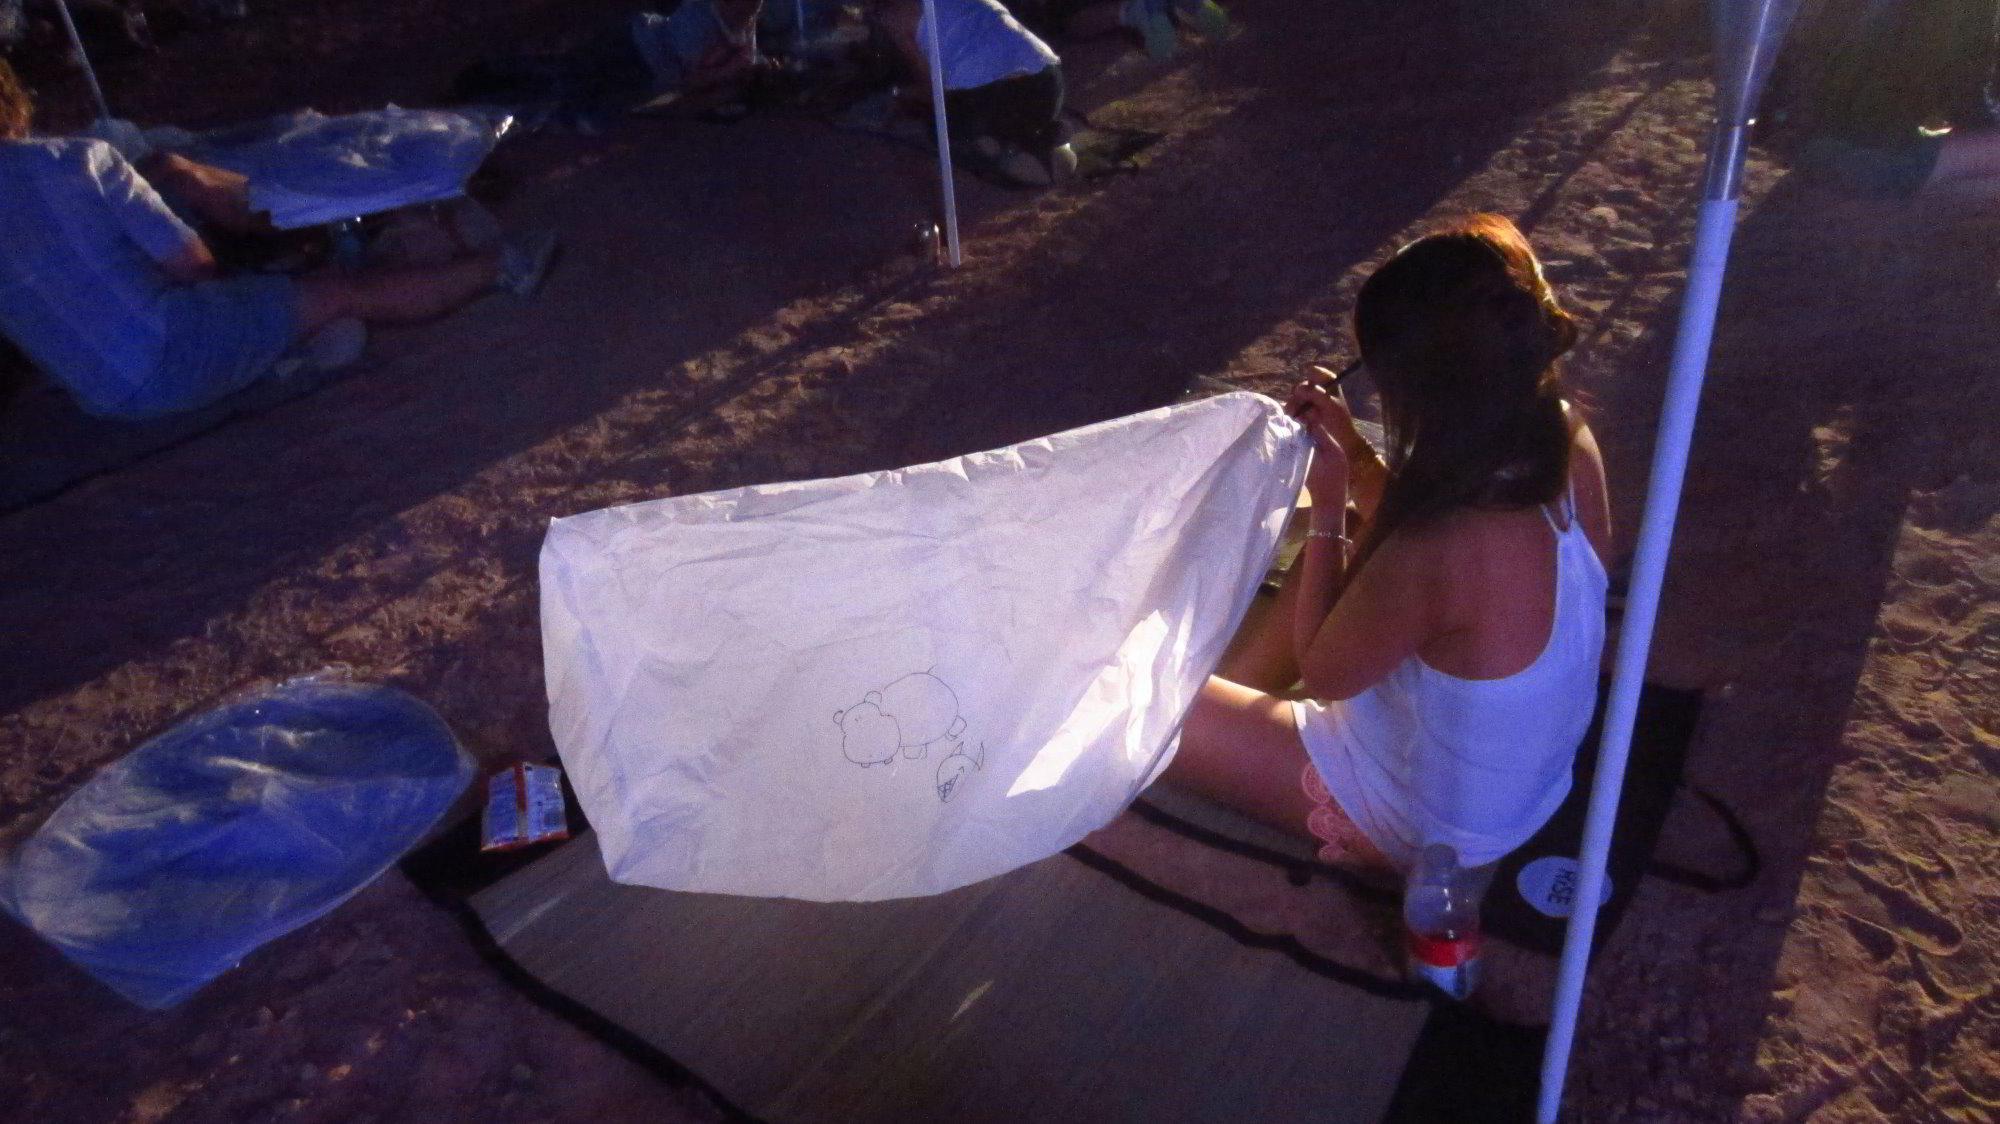 Rise-Lantern-Festival-2015-Mojave-Desert-Las-Vegas-NV-003